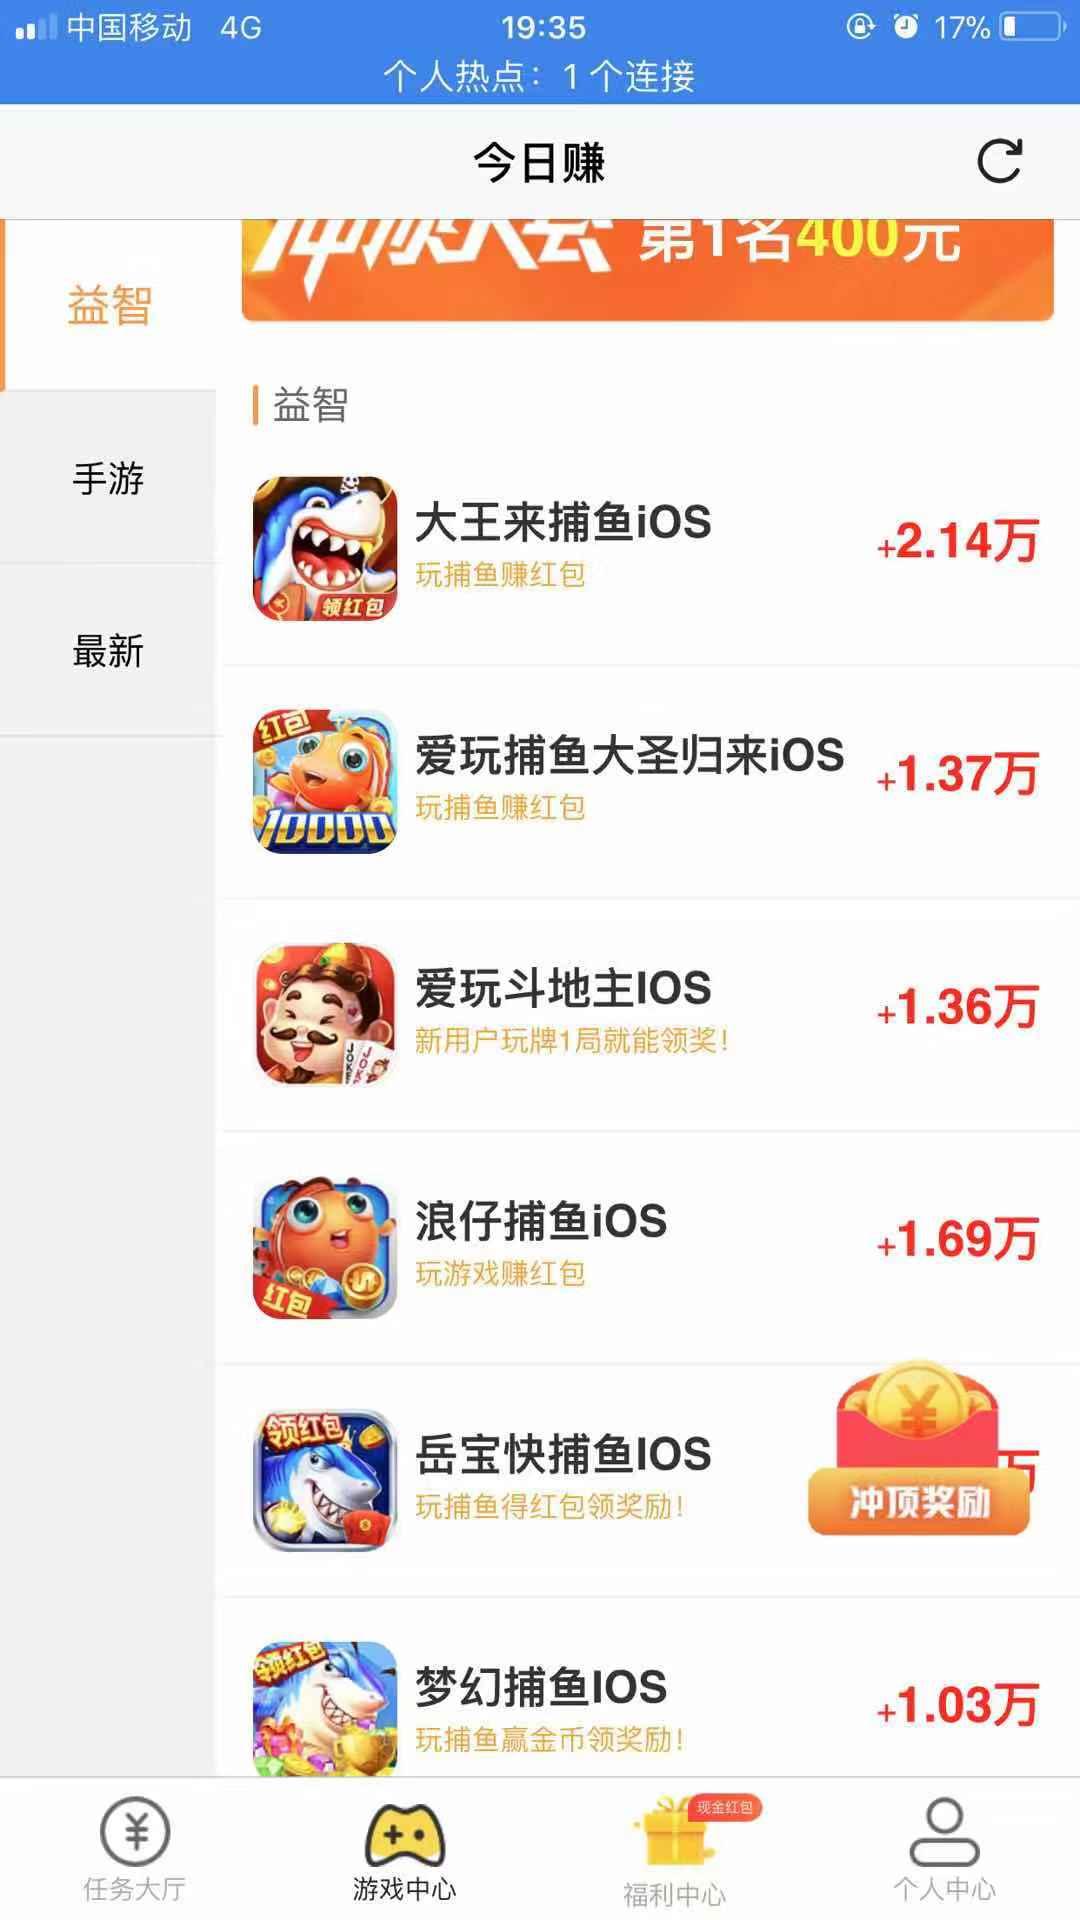 今日赚iOS